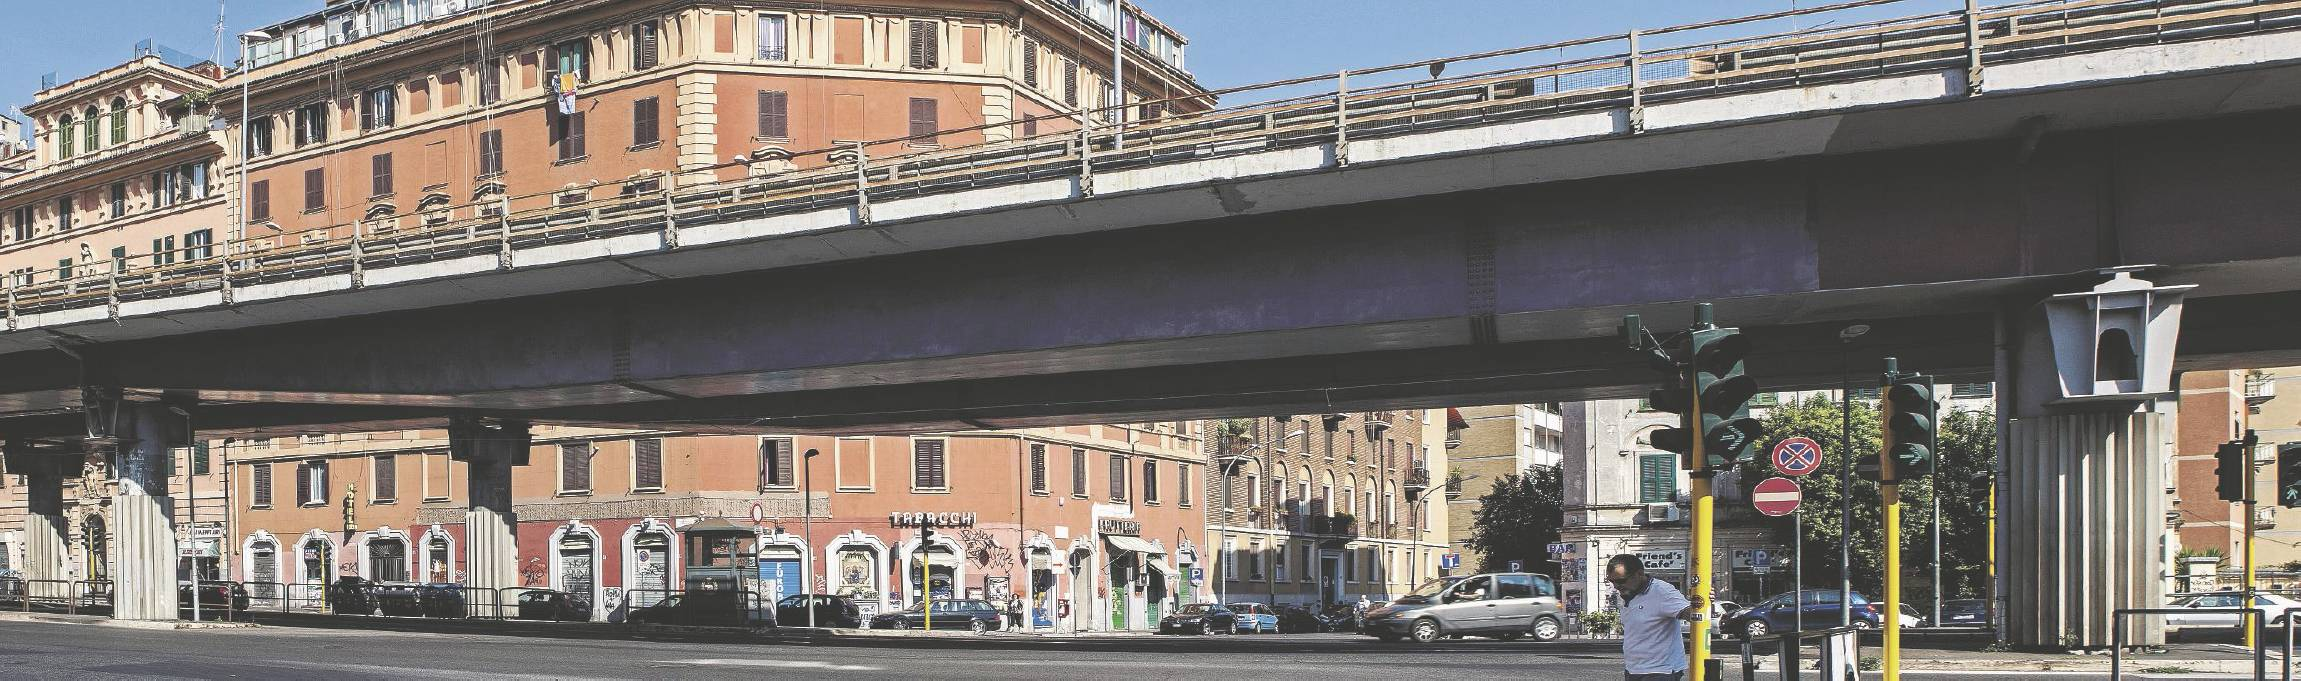 PRIMA. Tangenziale Est a Roma.  (Foto di Olga Ribichini) Sul Fatto Quotidiano di lunedì 15 settembre 2014